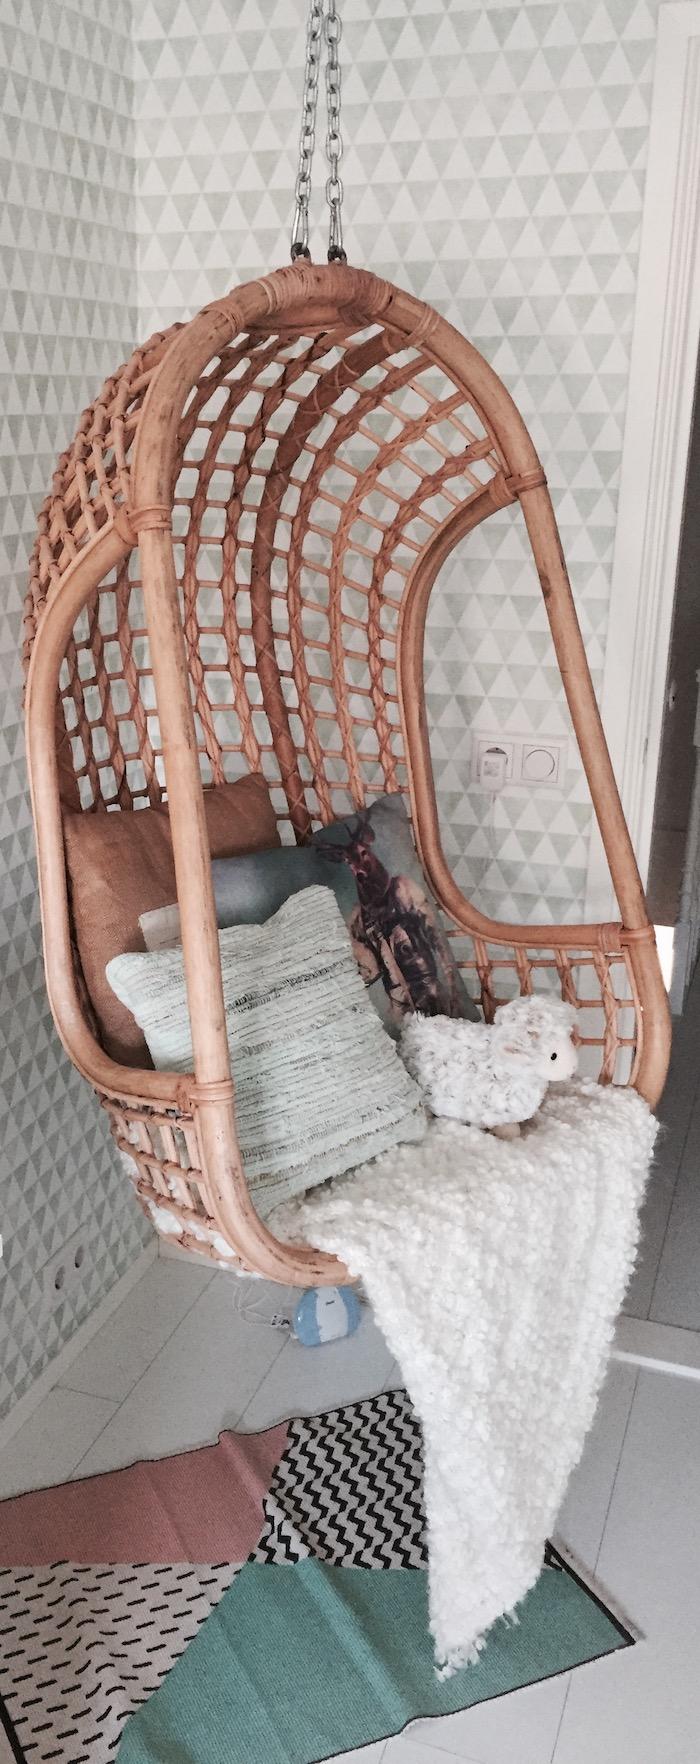 mintgroene babykamer, binnenkijken bij, babykamer jongen, baby jongenskamer, babykamertje, babykamer styling, babylabel